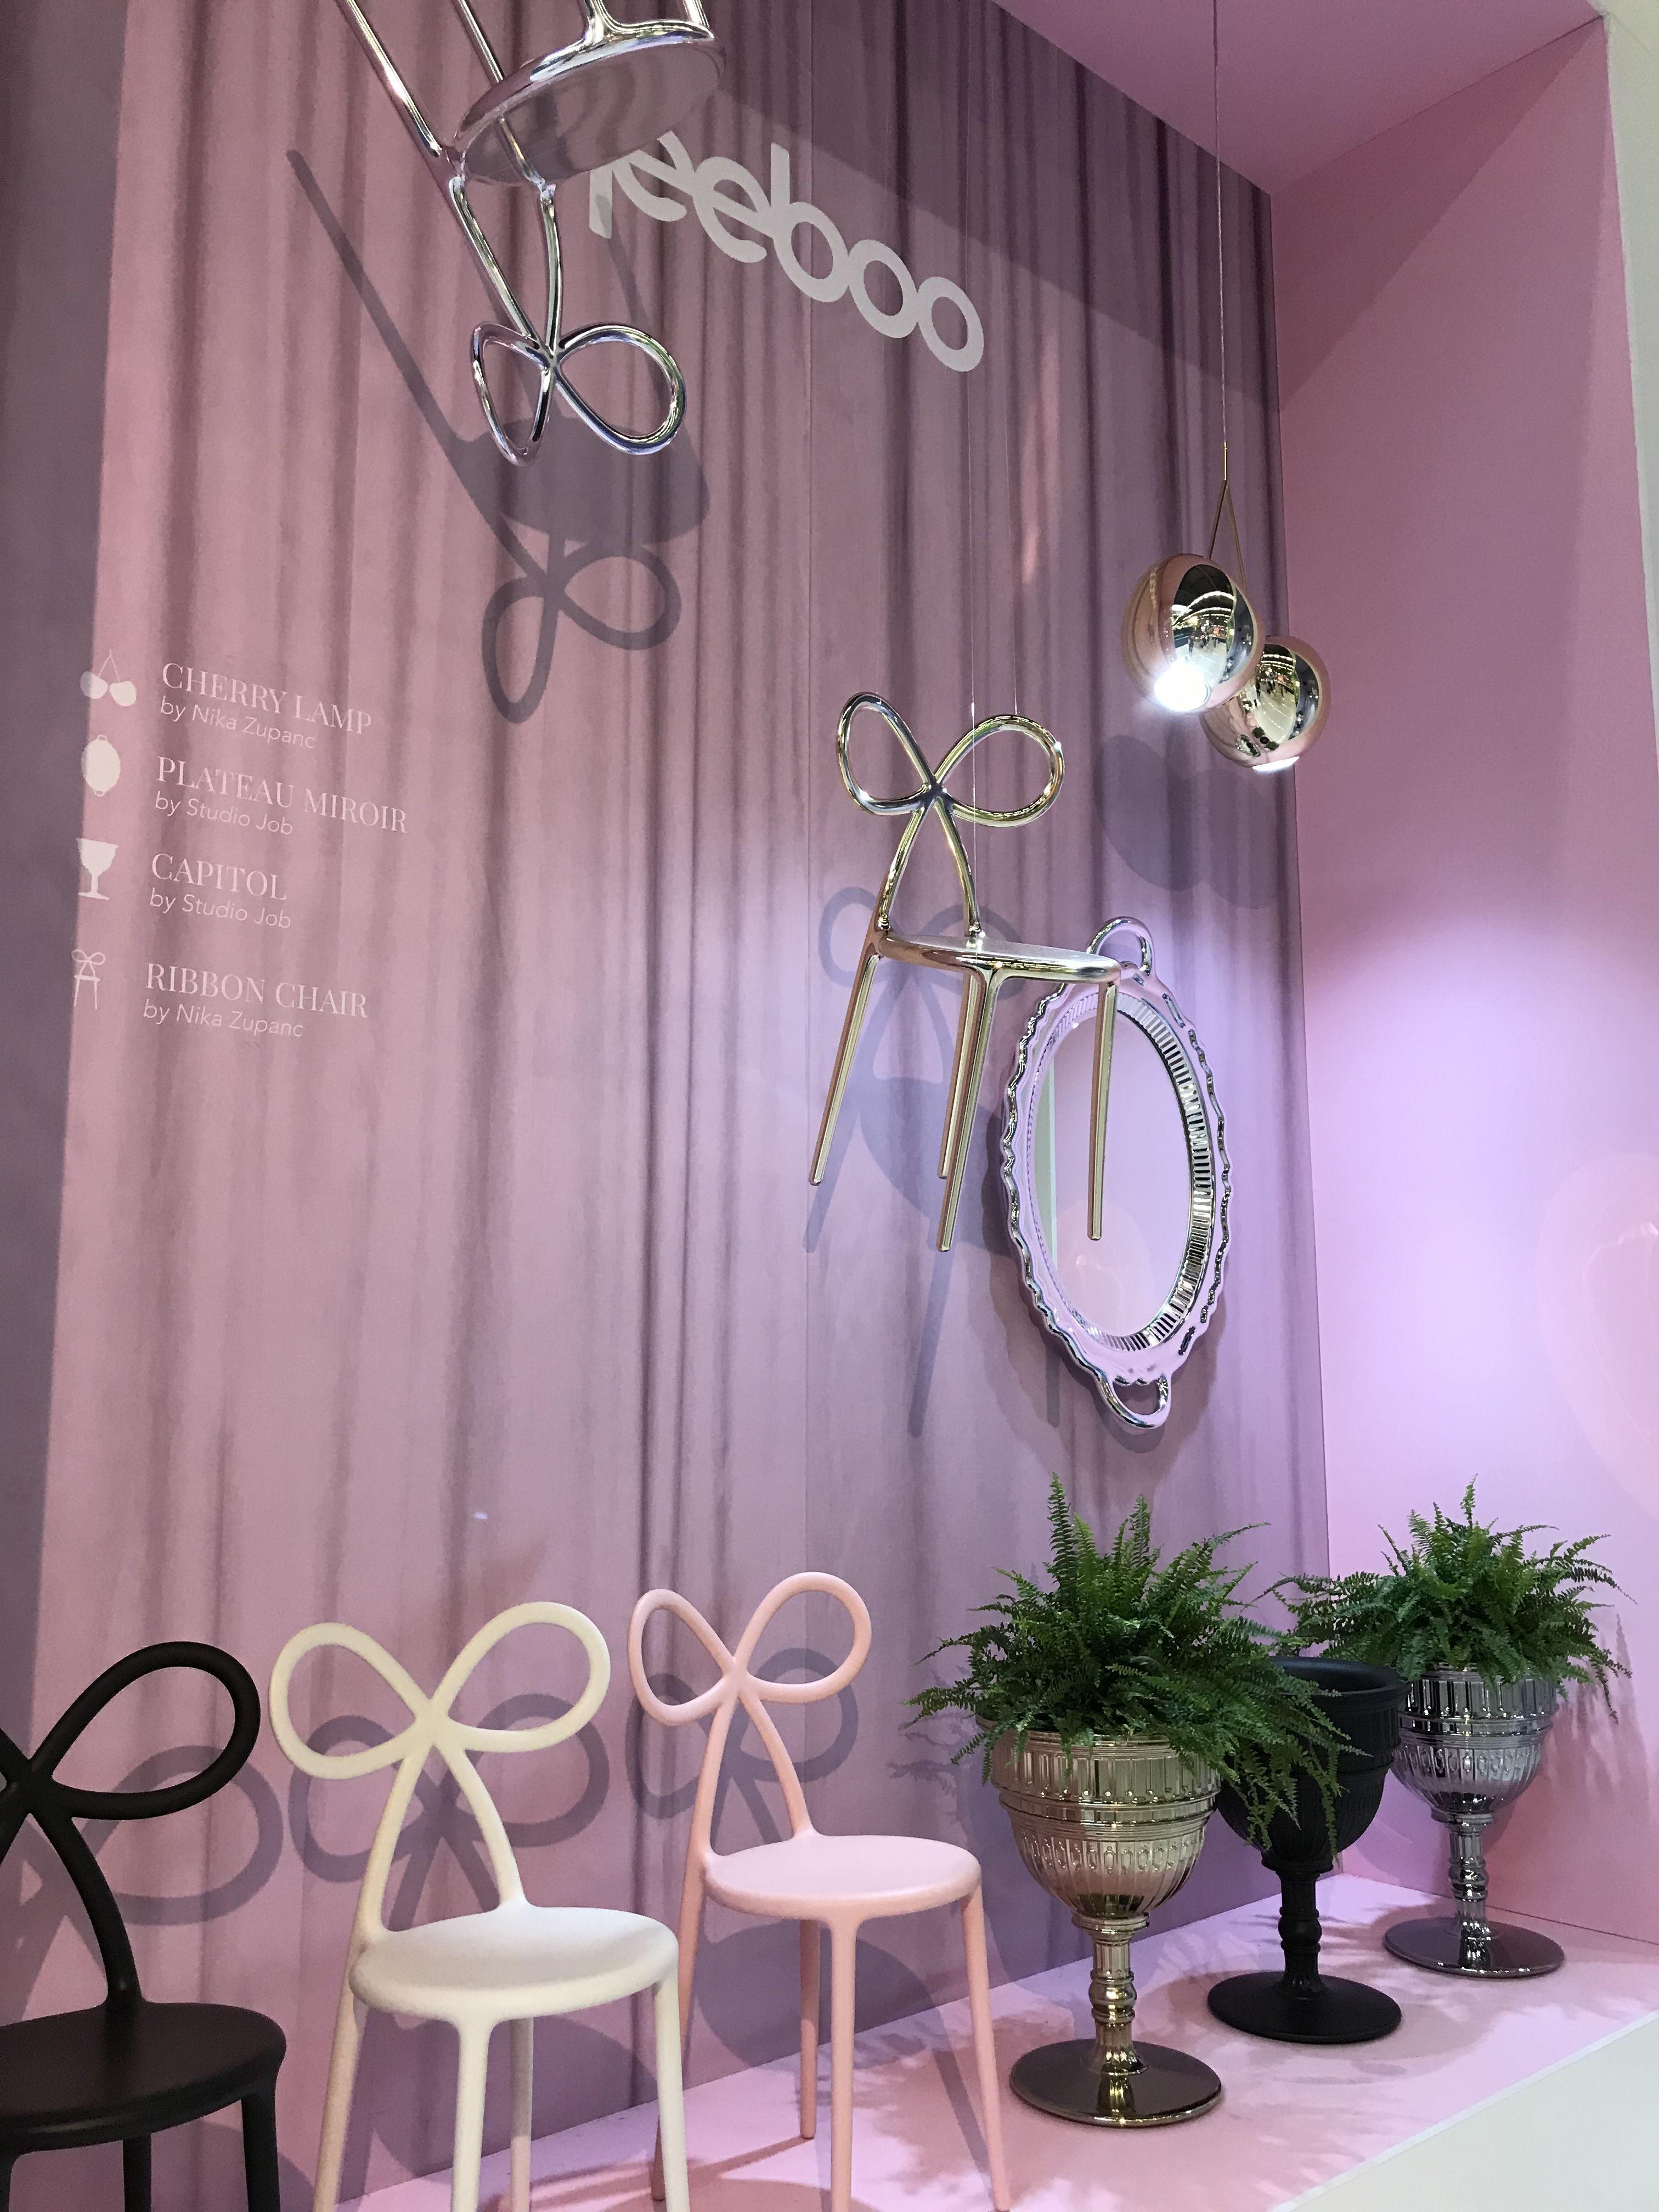 Qeeboo Salon Maison Et Objet De Septembre 2018 Qeeboo Maisonetobjet2018 Chaise Miroir Salon Maison Et Objet Maison Et Objet Decoration Interieure